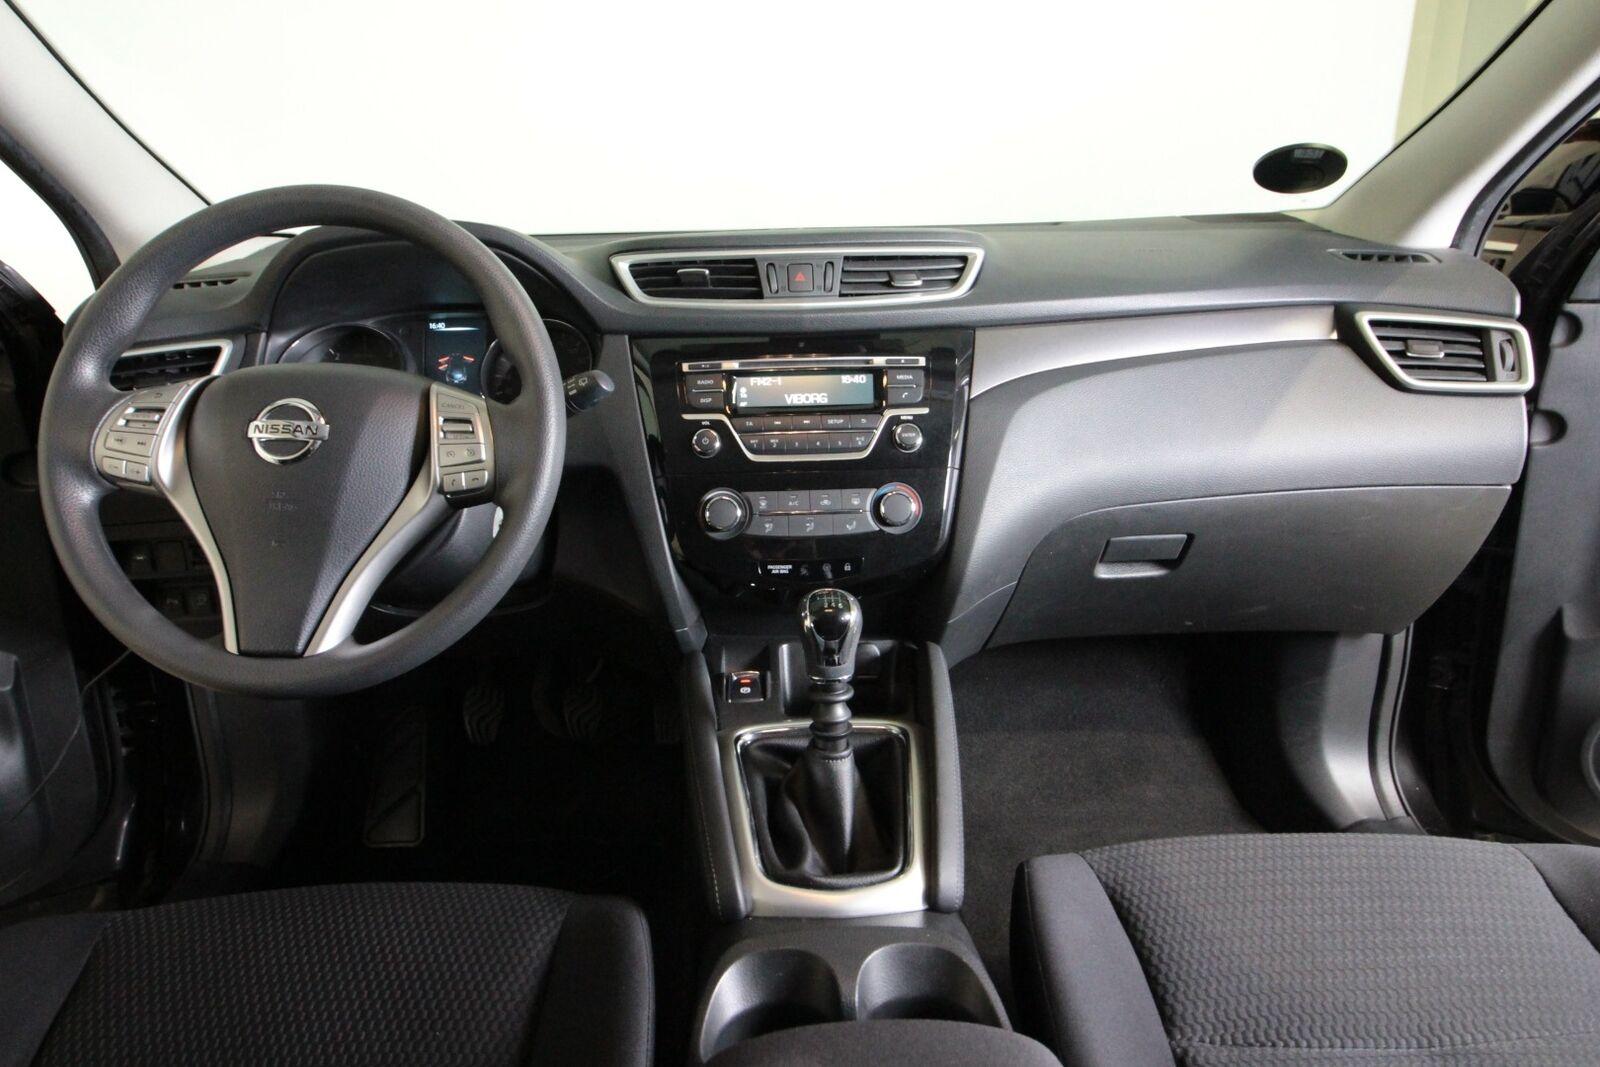 Nissan Qashqai dCi 110 Visia